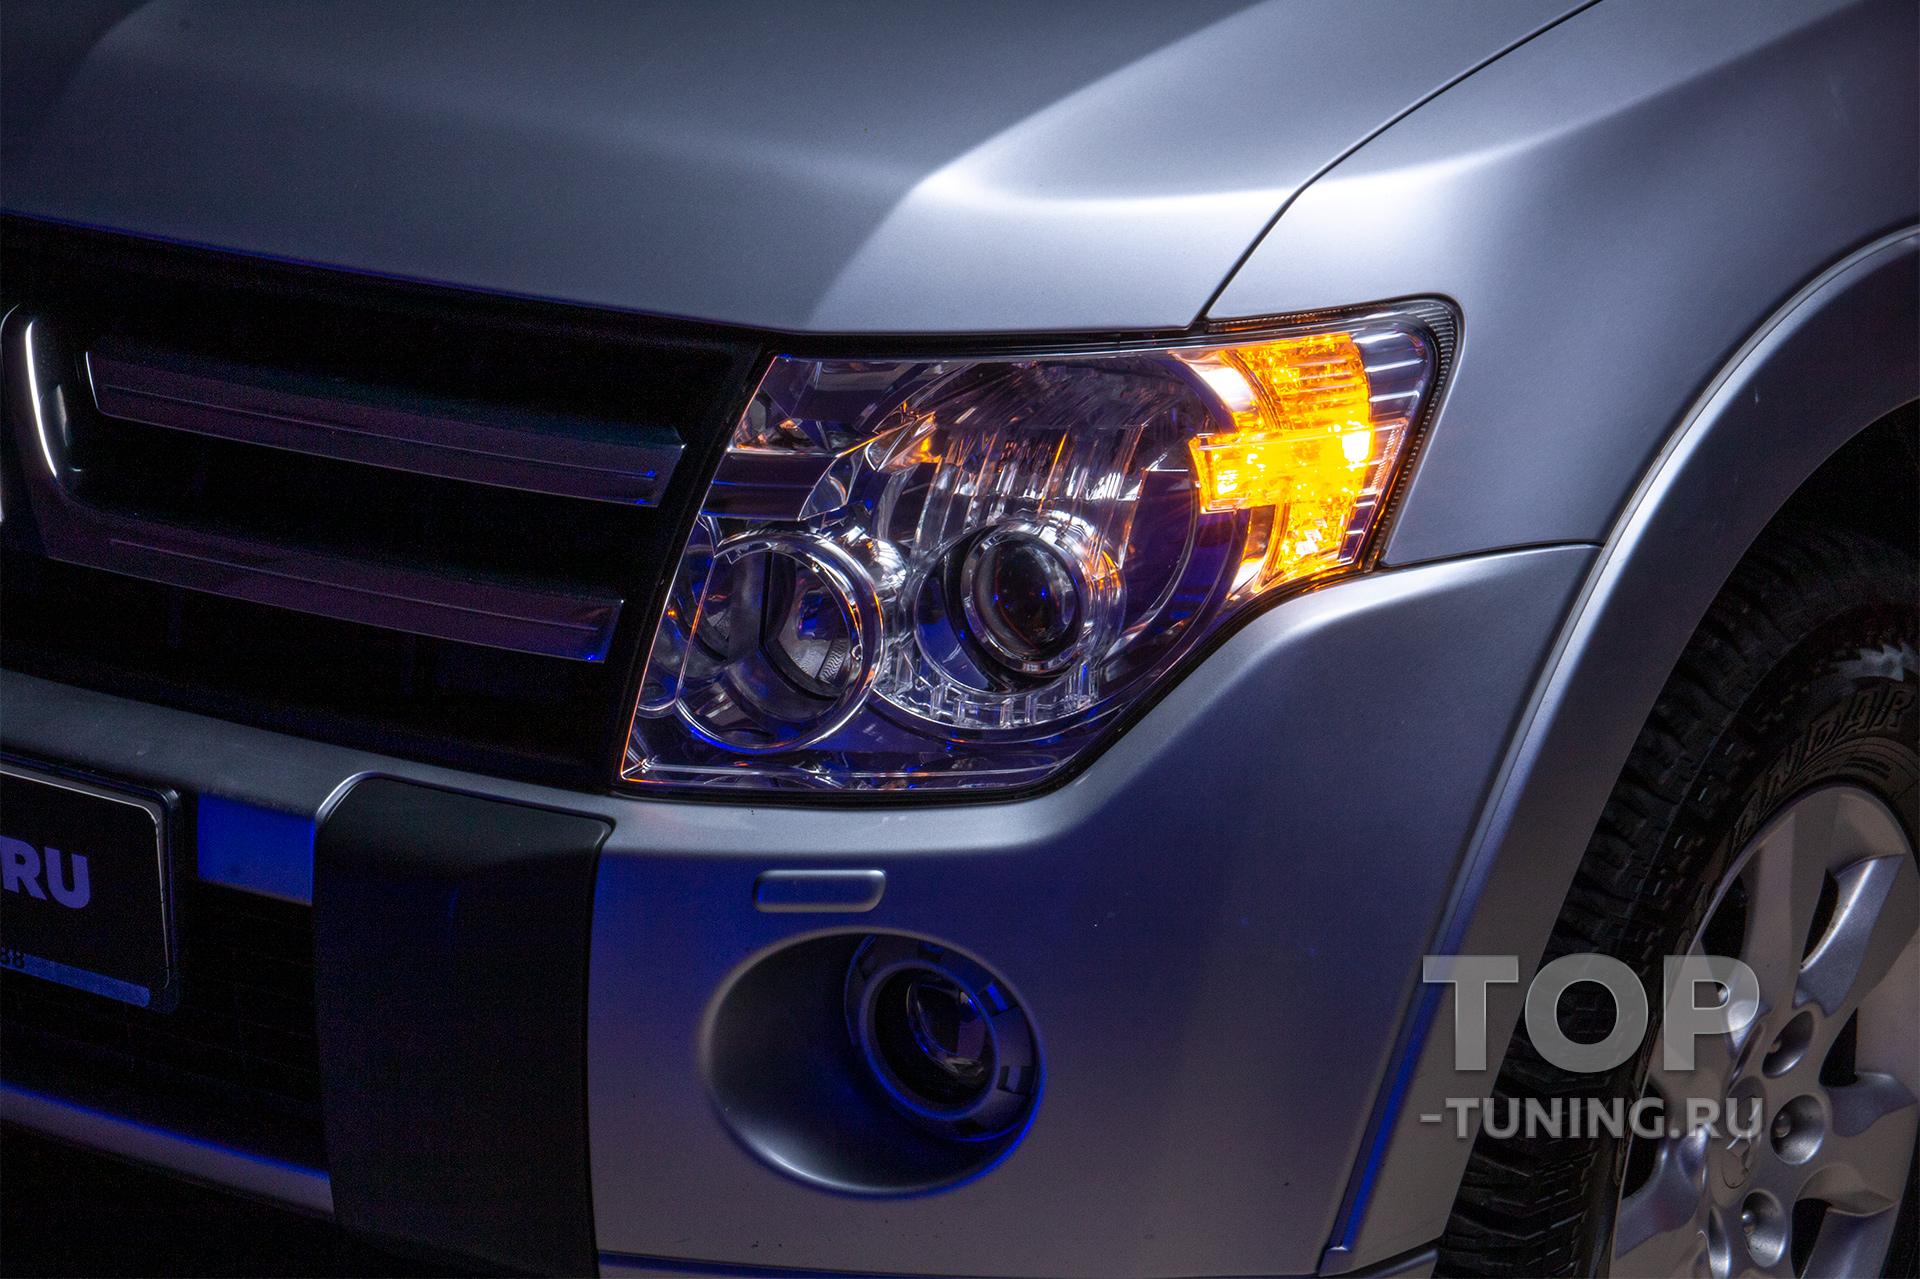 Митсубиши Паджеро 4 - LED поворотники в штатное место